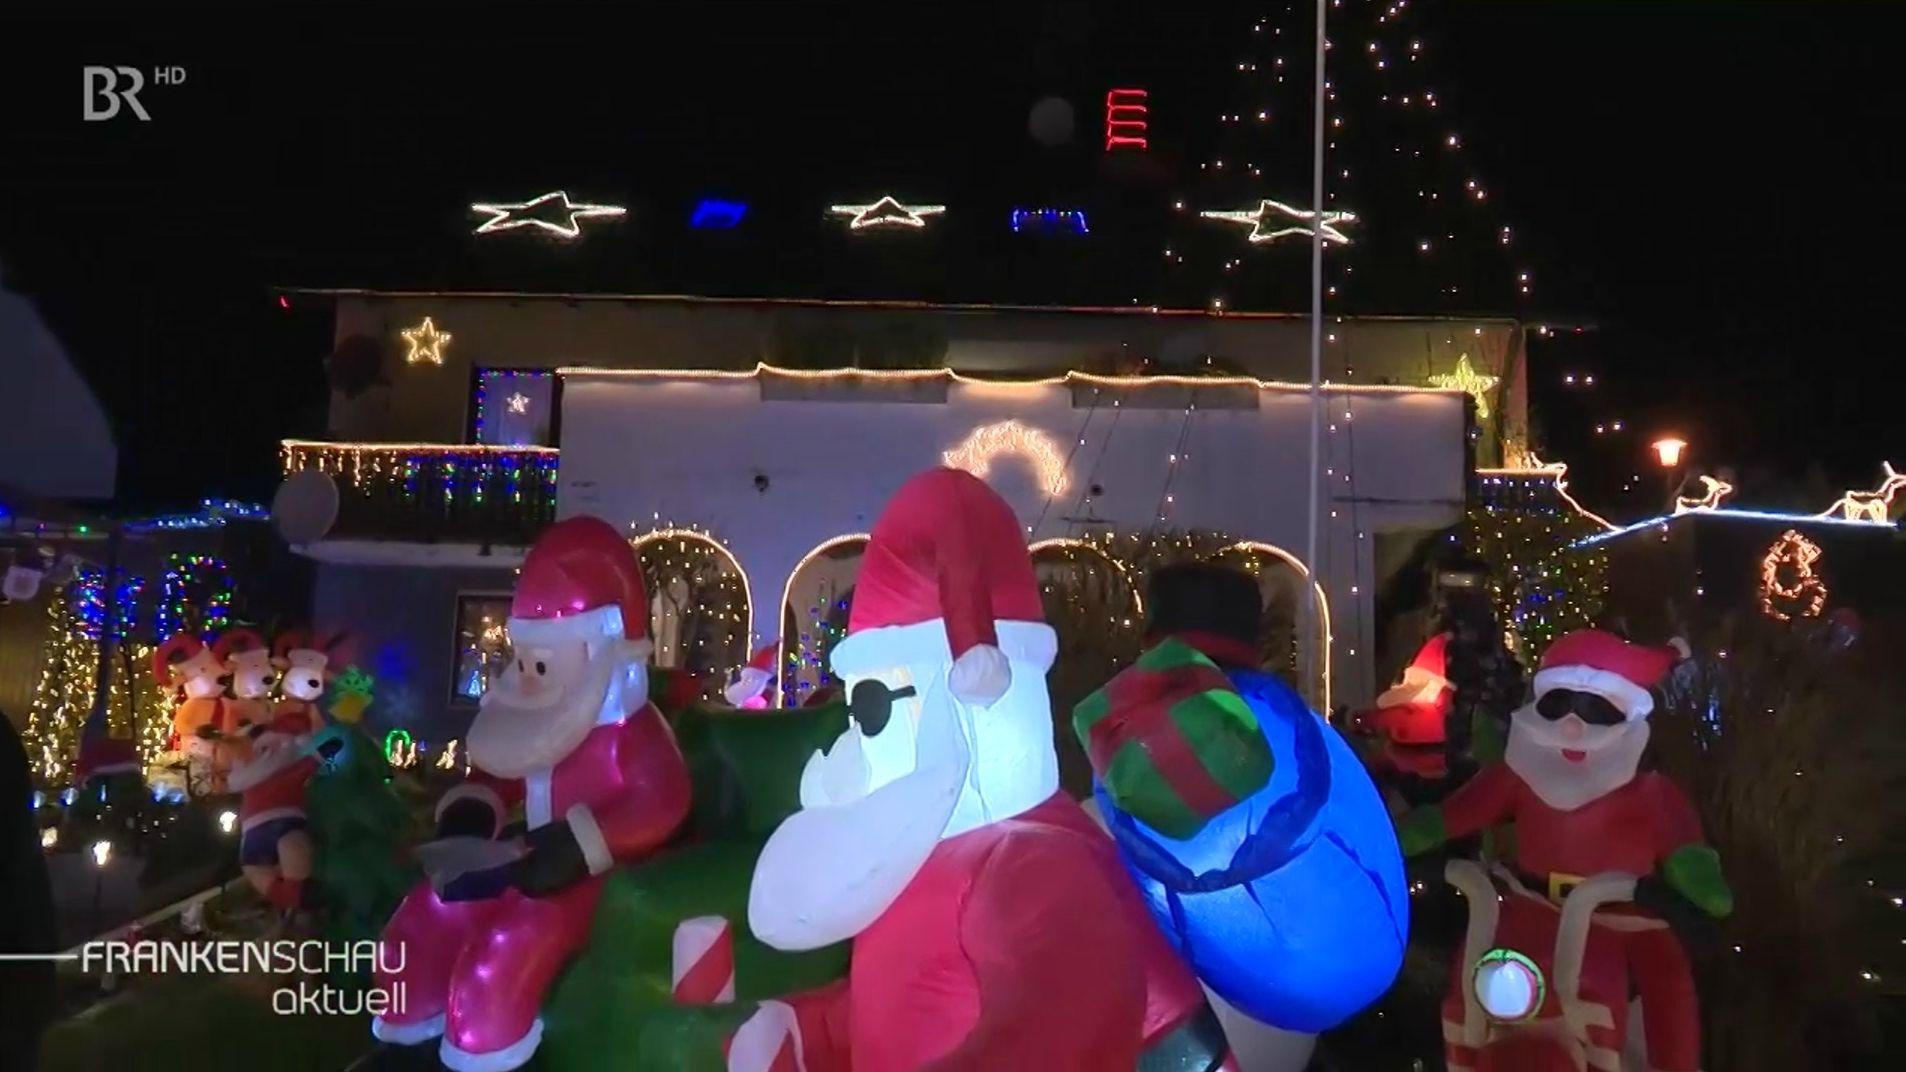 Leuchtende Nikoläuse stehen in einem Garten vor einem weihnachtlich geschmückten Haus.